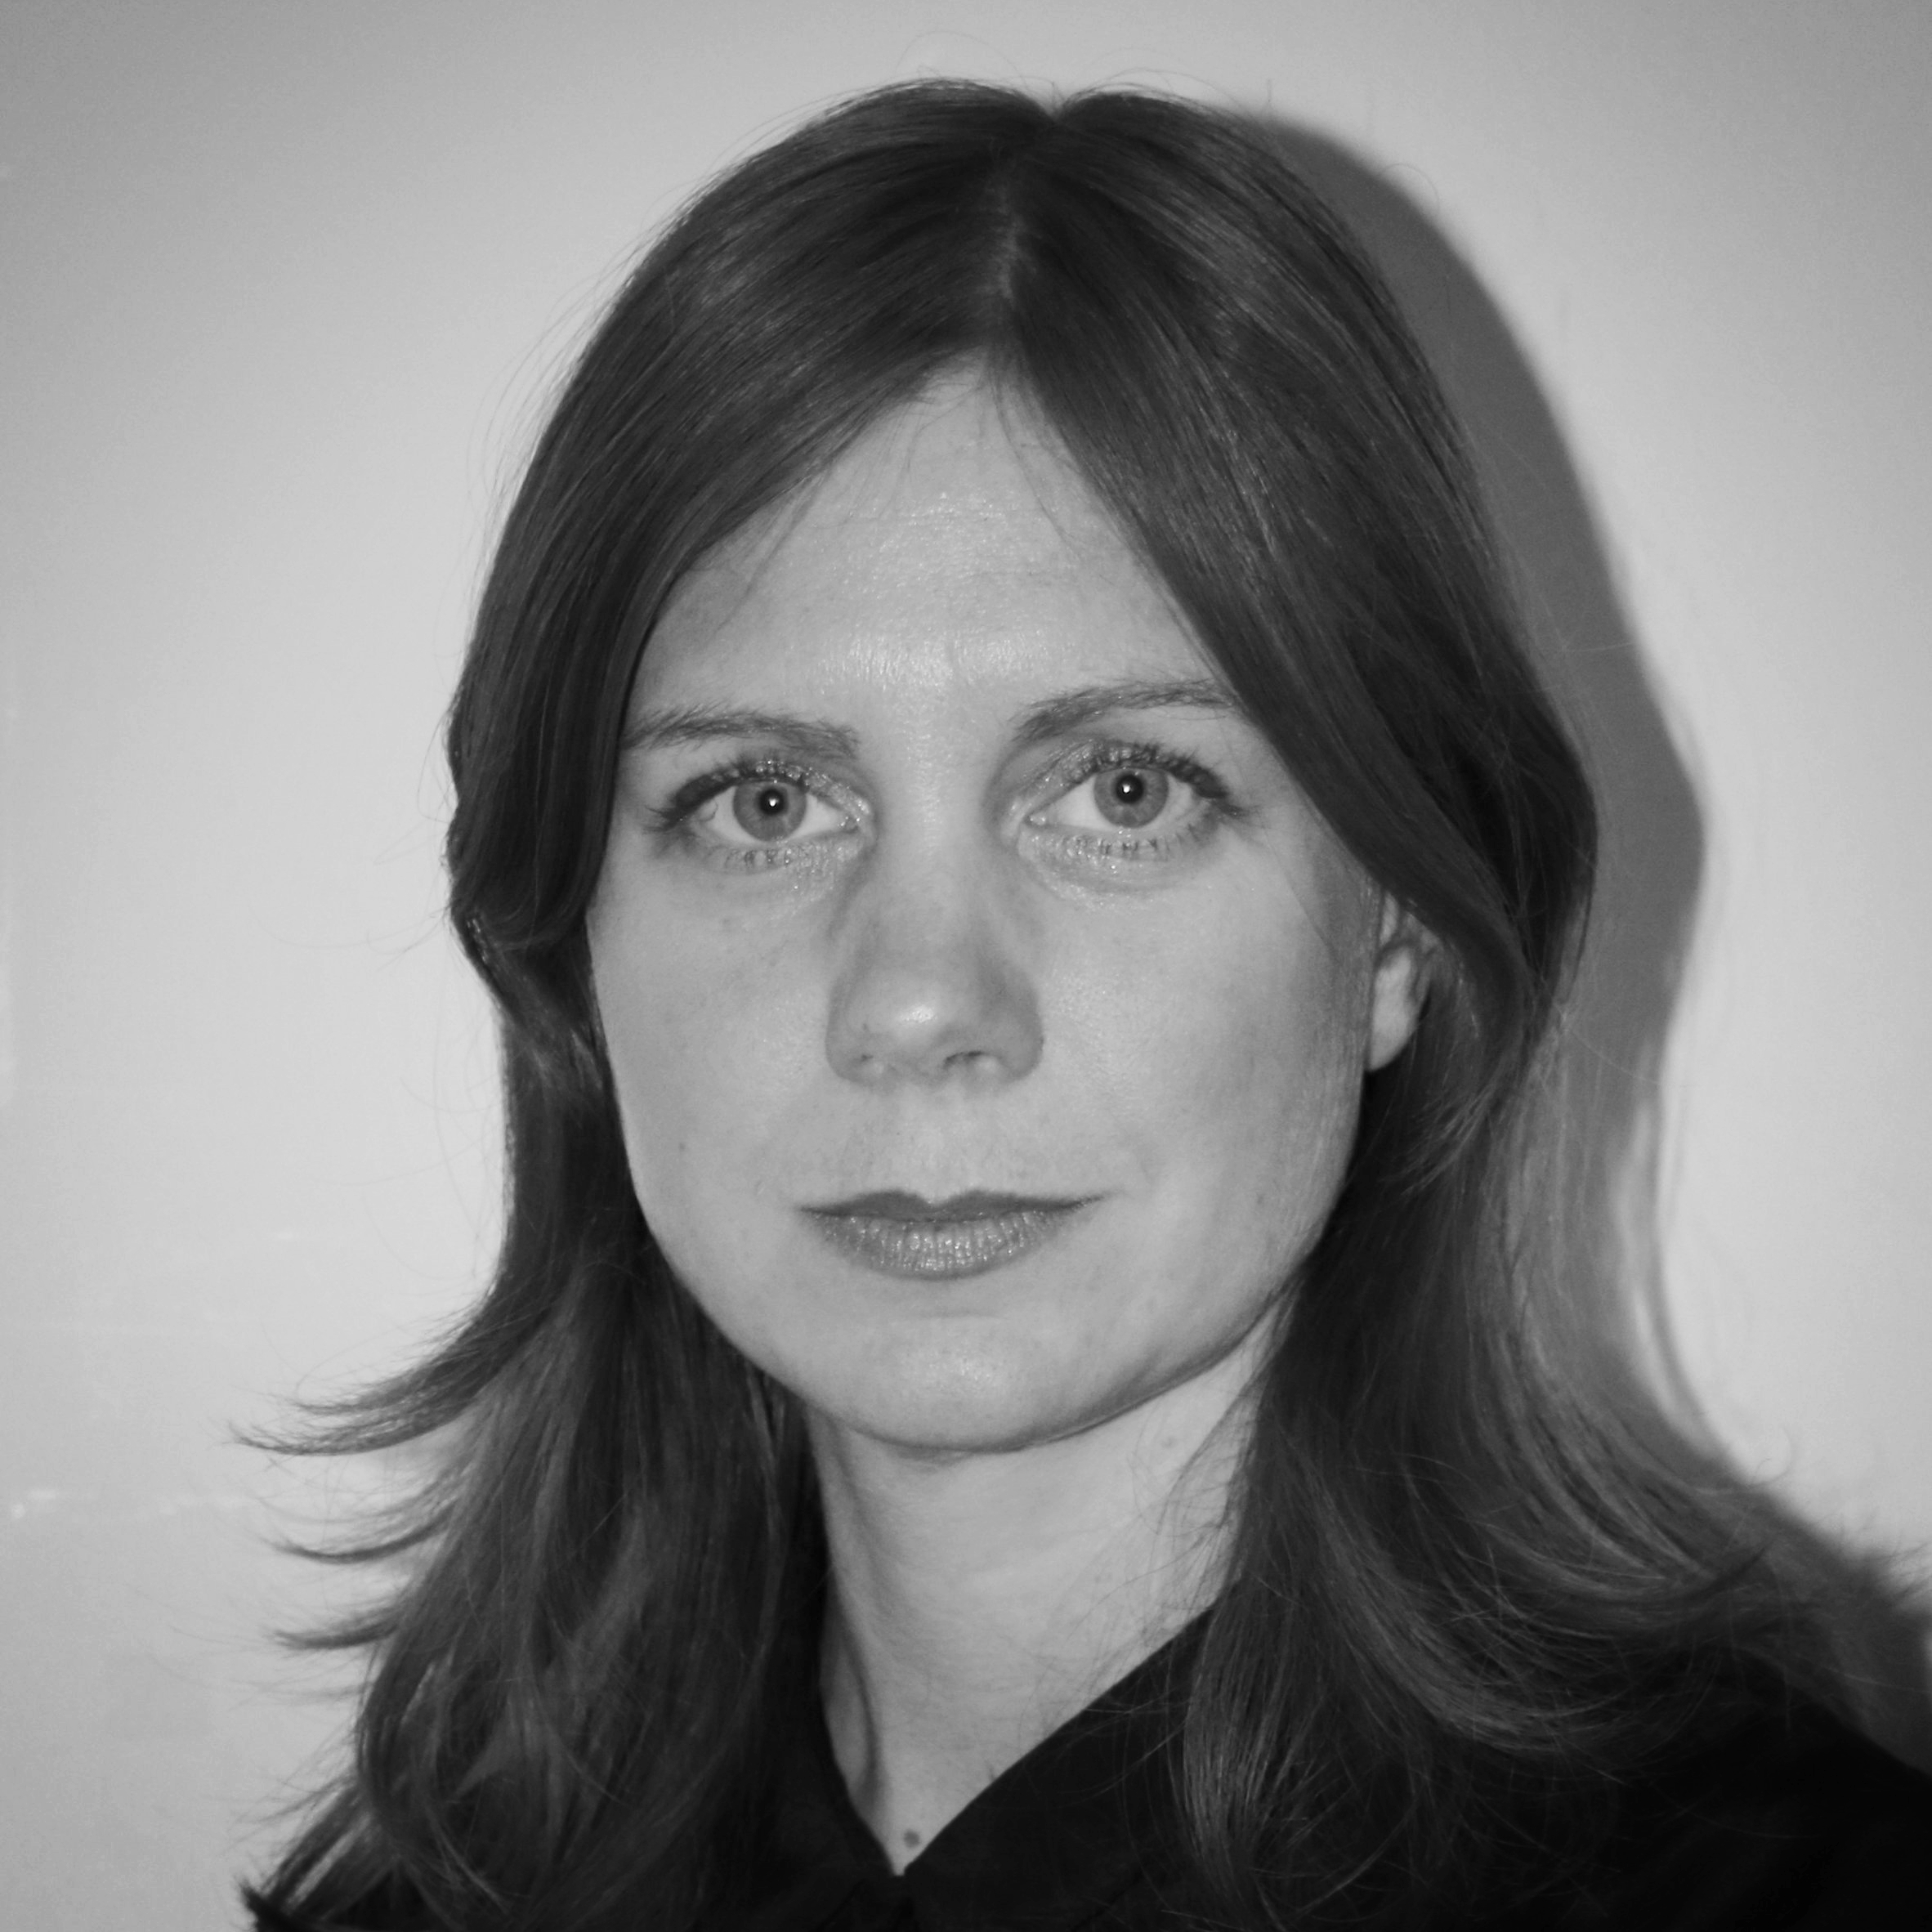 Hanna Isaksson // Luleå